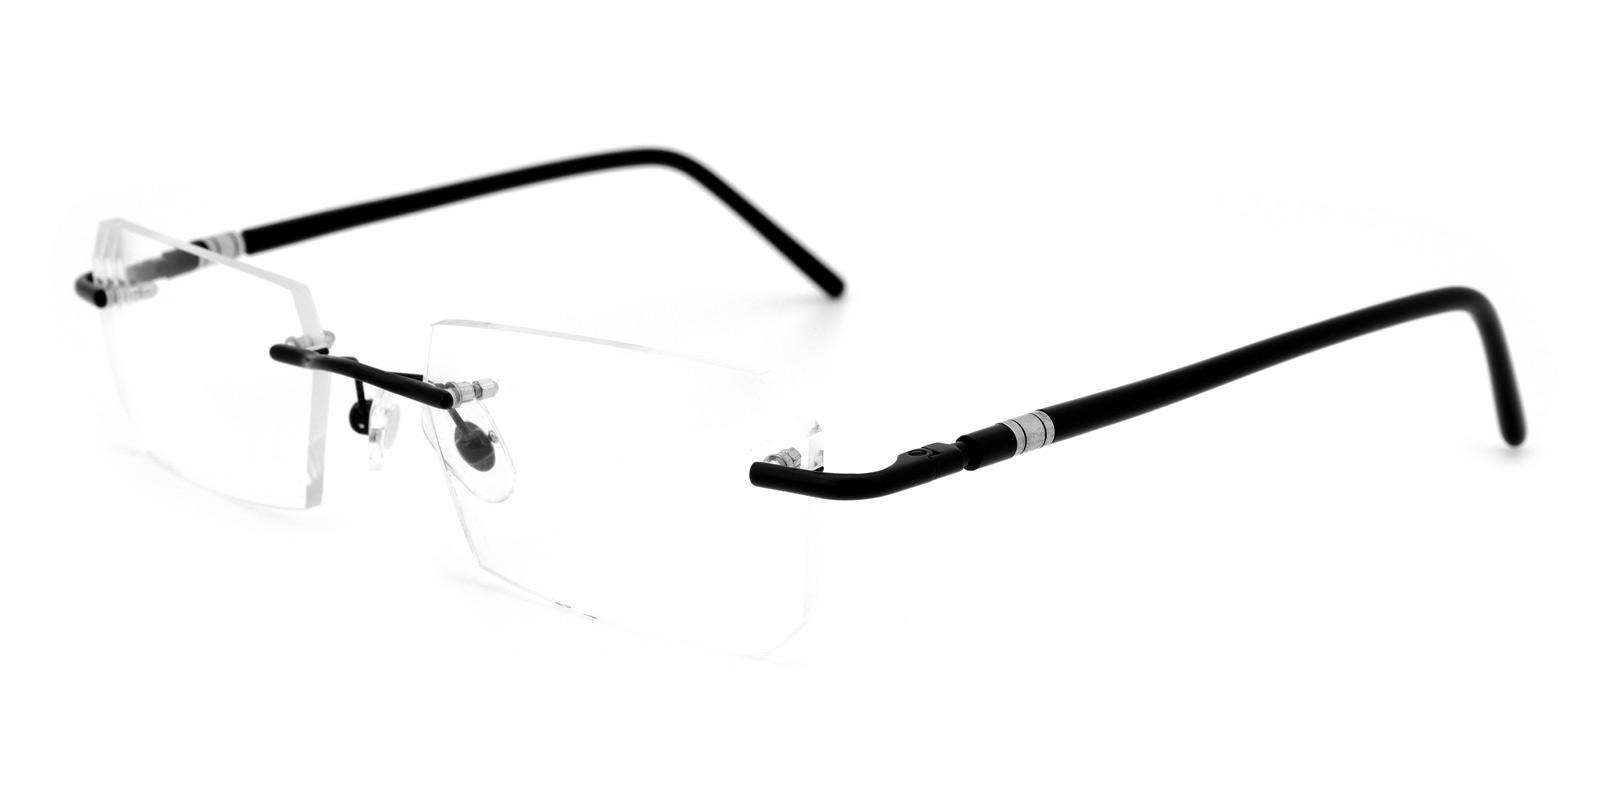 Thomas-Silver-Rectangle-Titanium-Eyeglasses-detail